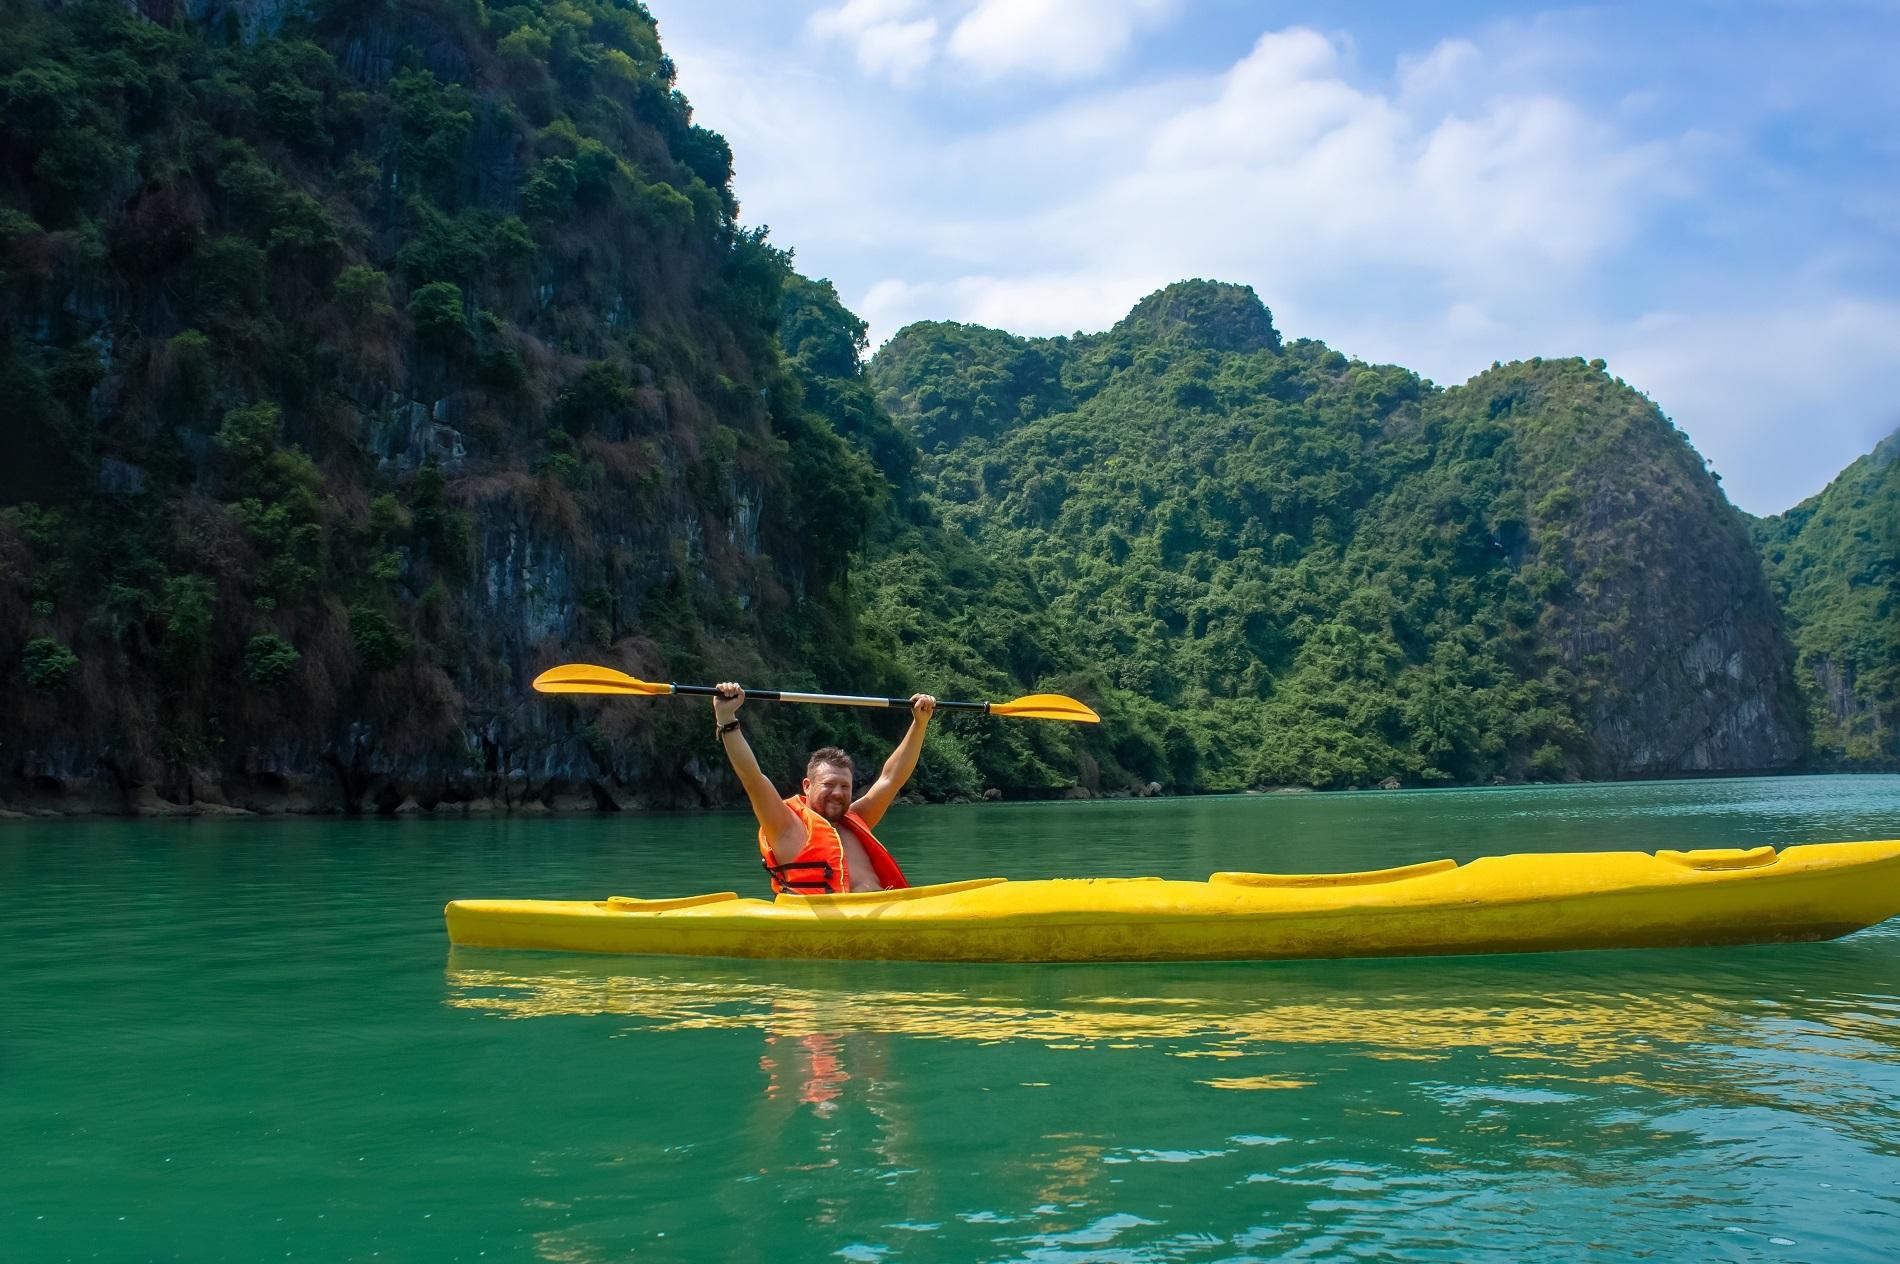 Vùng vịnh kín, nước lặng là điểm đến chèo thuyền kayak nổi tiếng nhất tại Việt Nam. Ảnh: Andrii Brodiahin/Shuttestock.